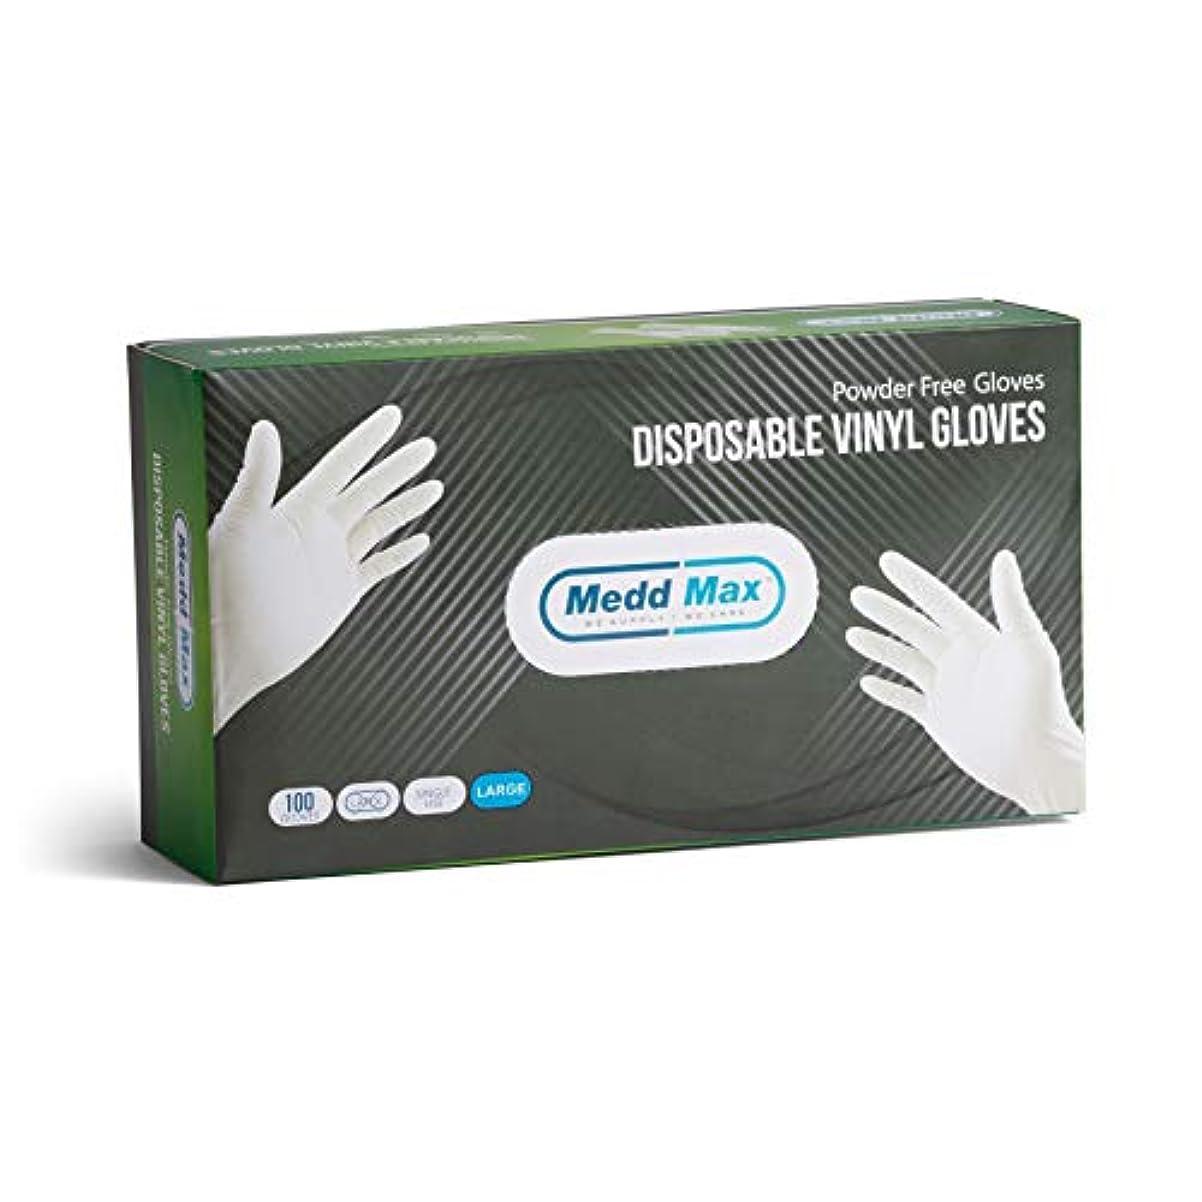 四回タックル救出Medd Max 使い捨て ビニール手袋 パウダー フリーサイズ ラージ 試験グレード 手袋